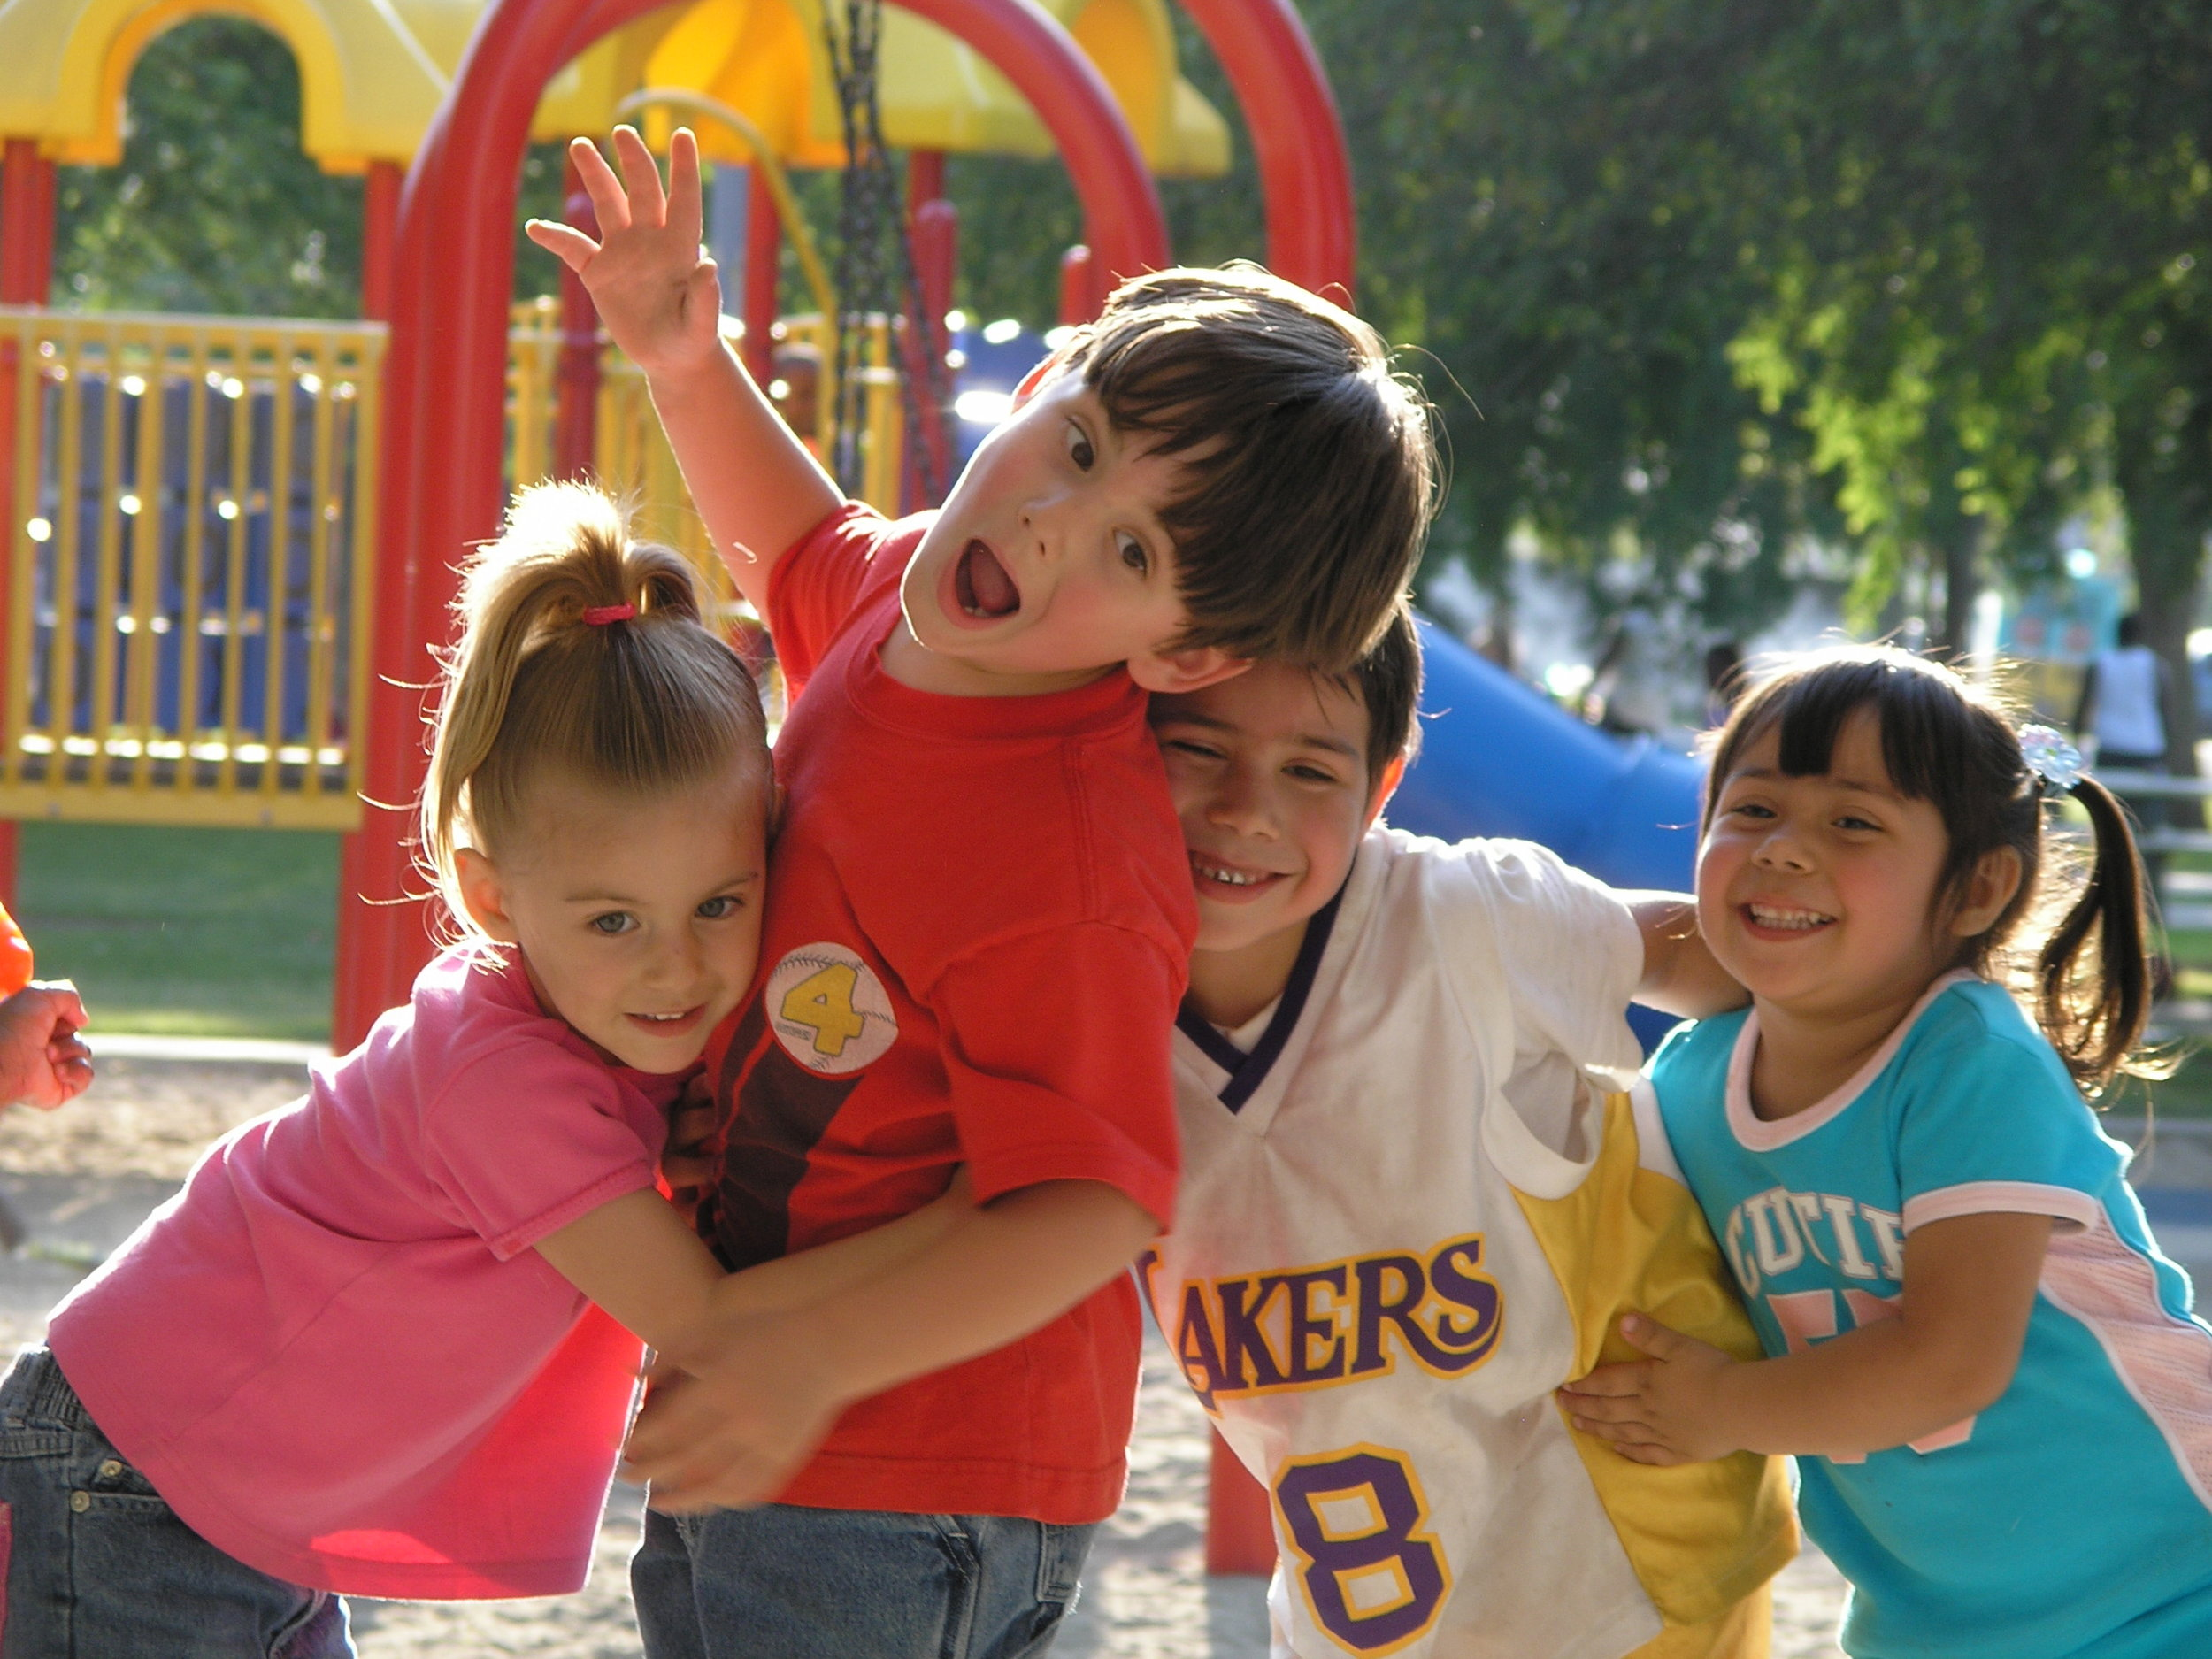 park-kids-4-1240443.jpg